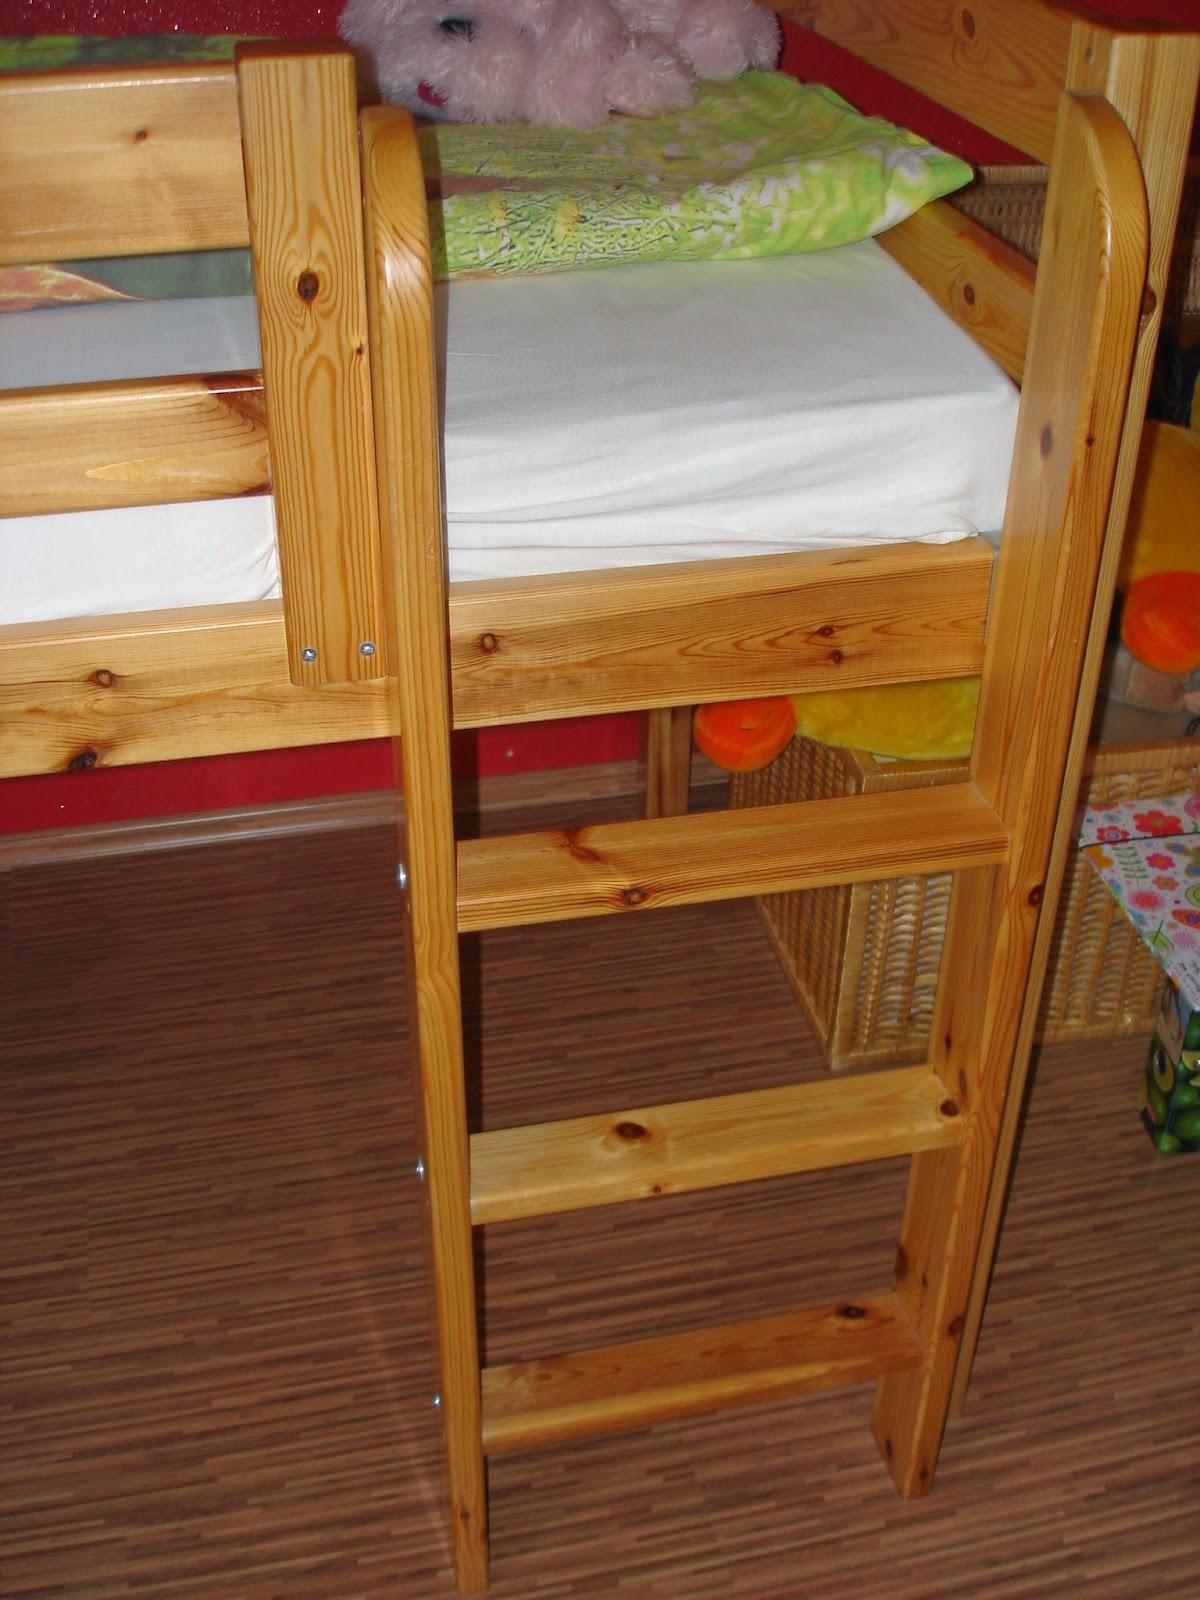 Full Size of Kinderbett Diy Haus Bauanleitung Ikea Anleitung Baldachin Ideen Rausfallschutz Wohnzimmer Kinderbett Diy